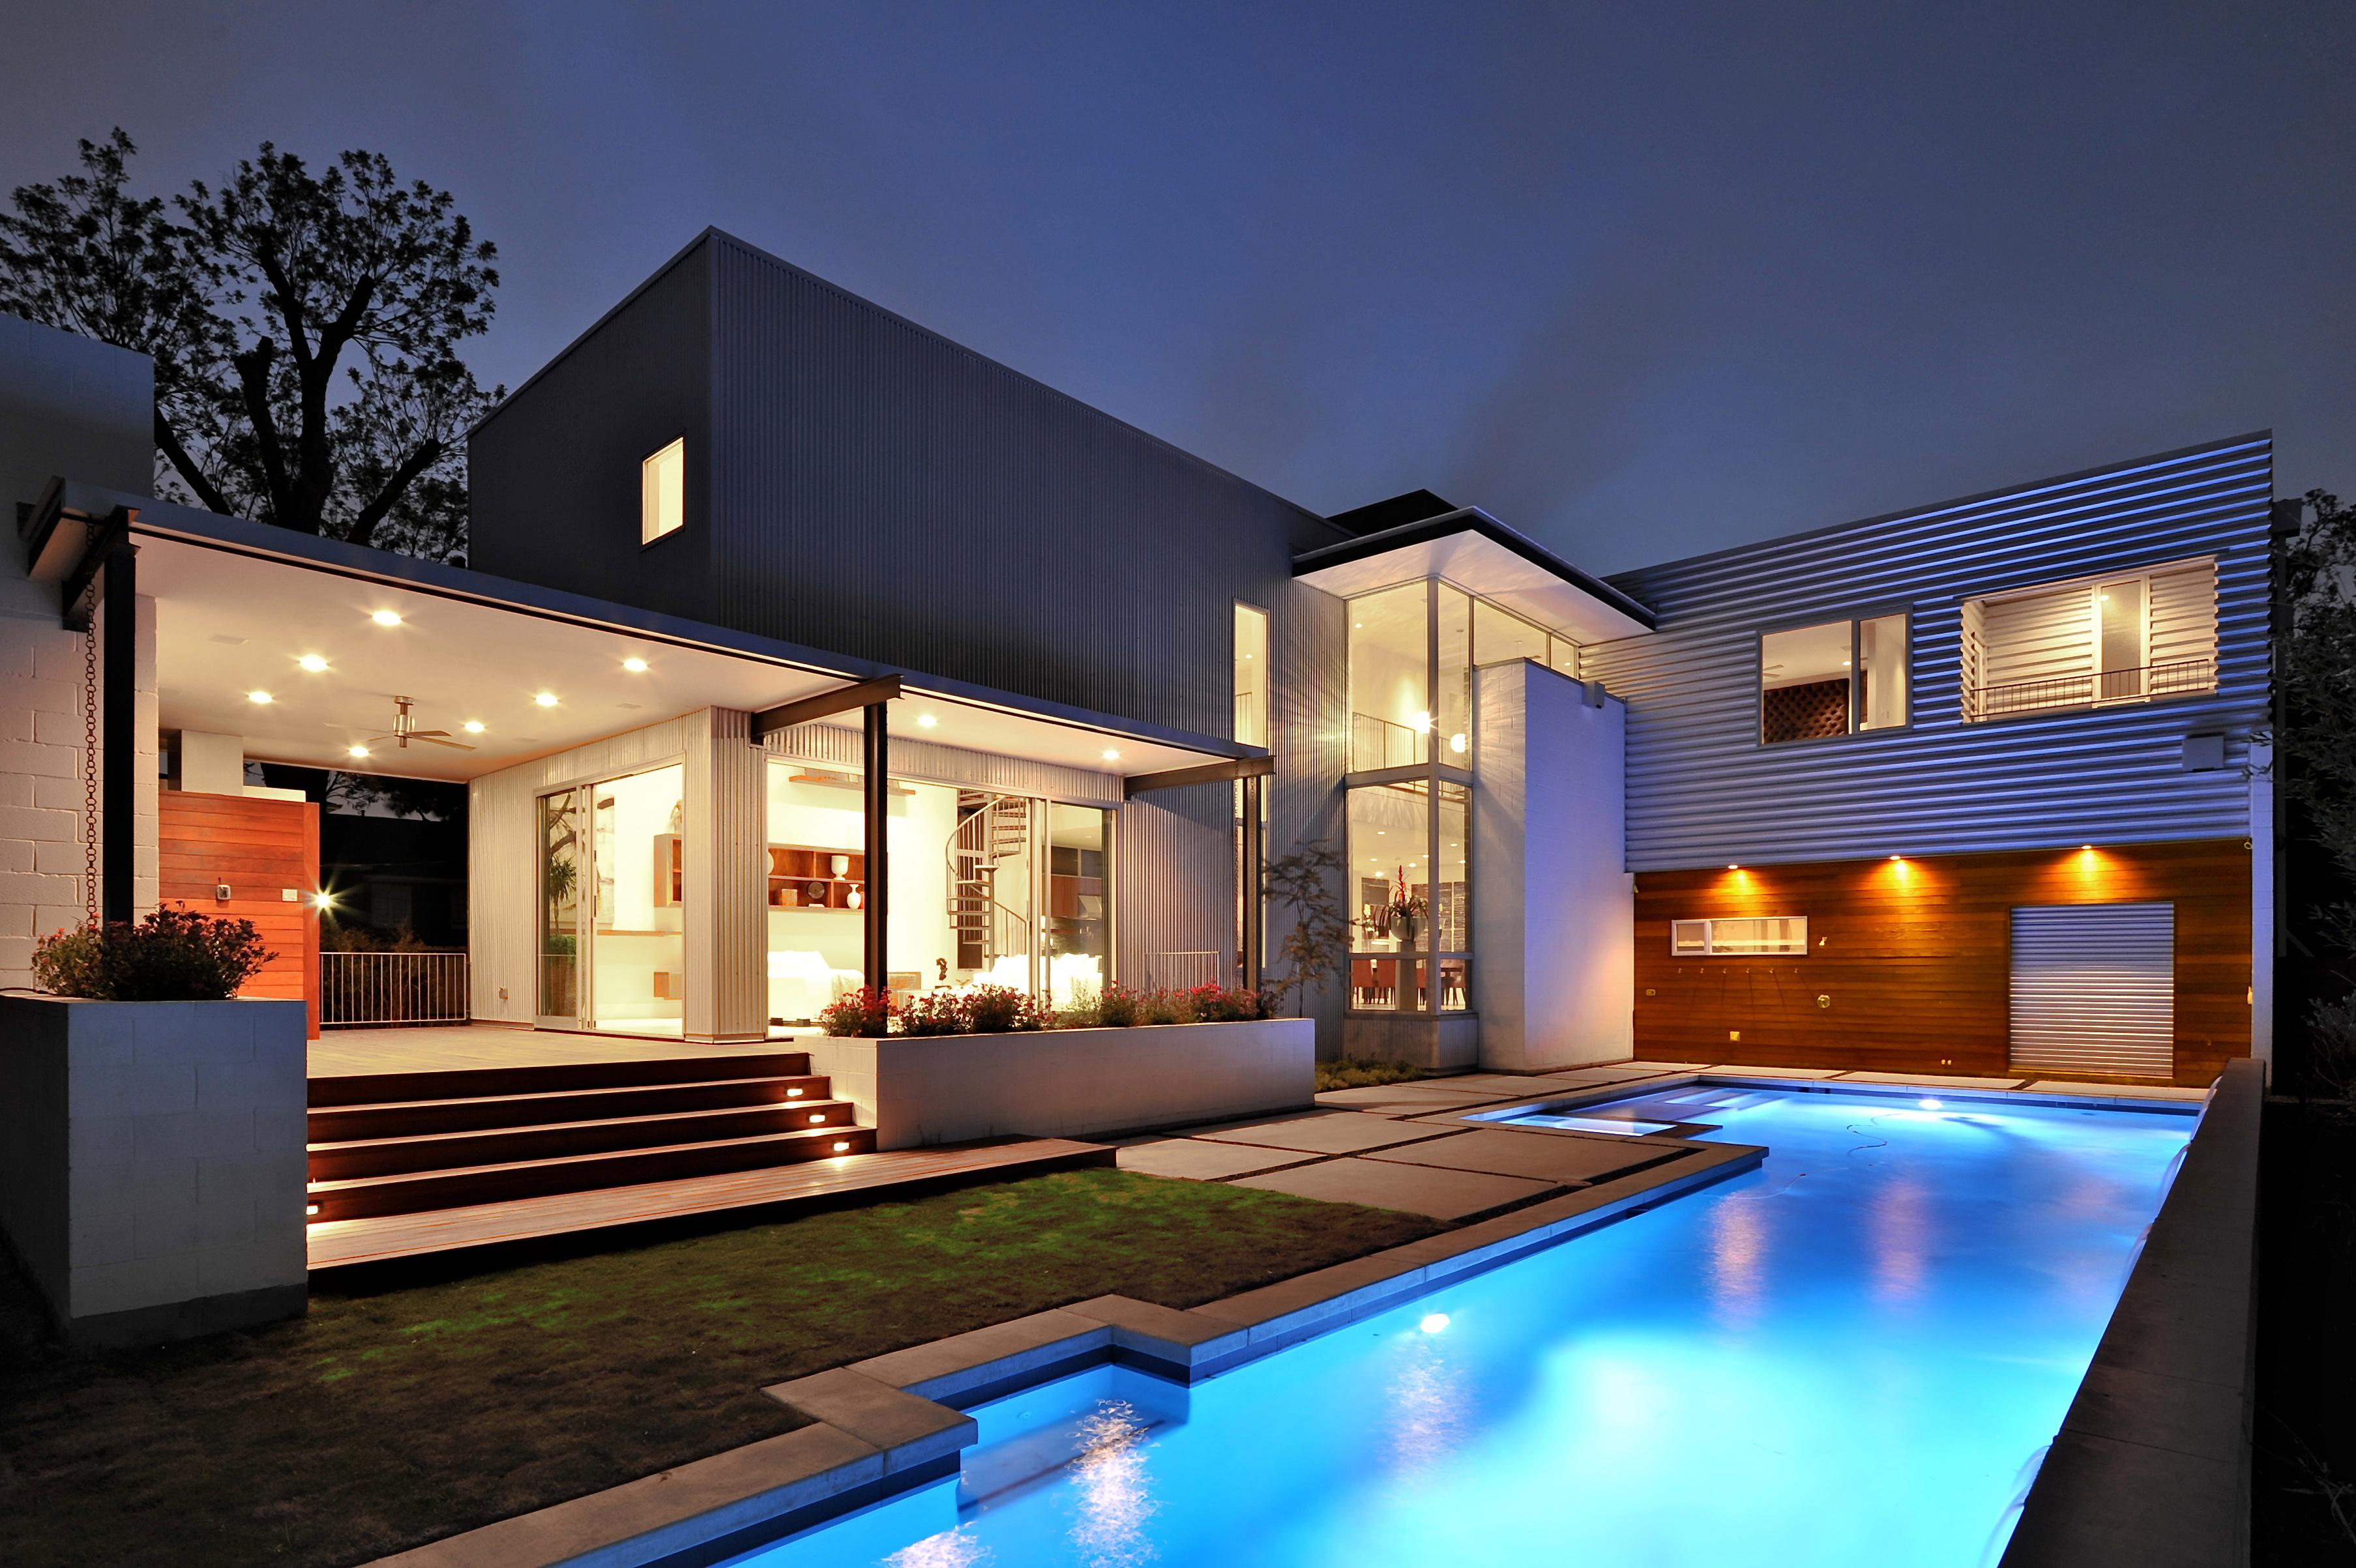 modern homes - HD1332×850